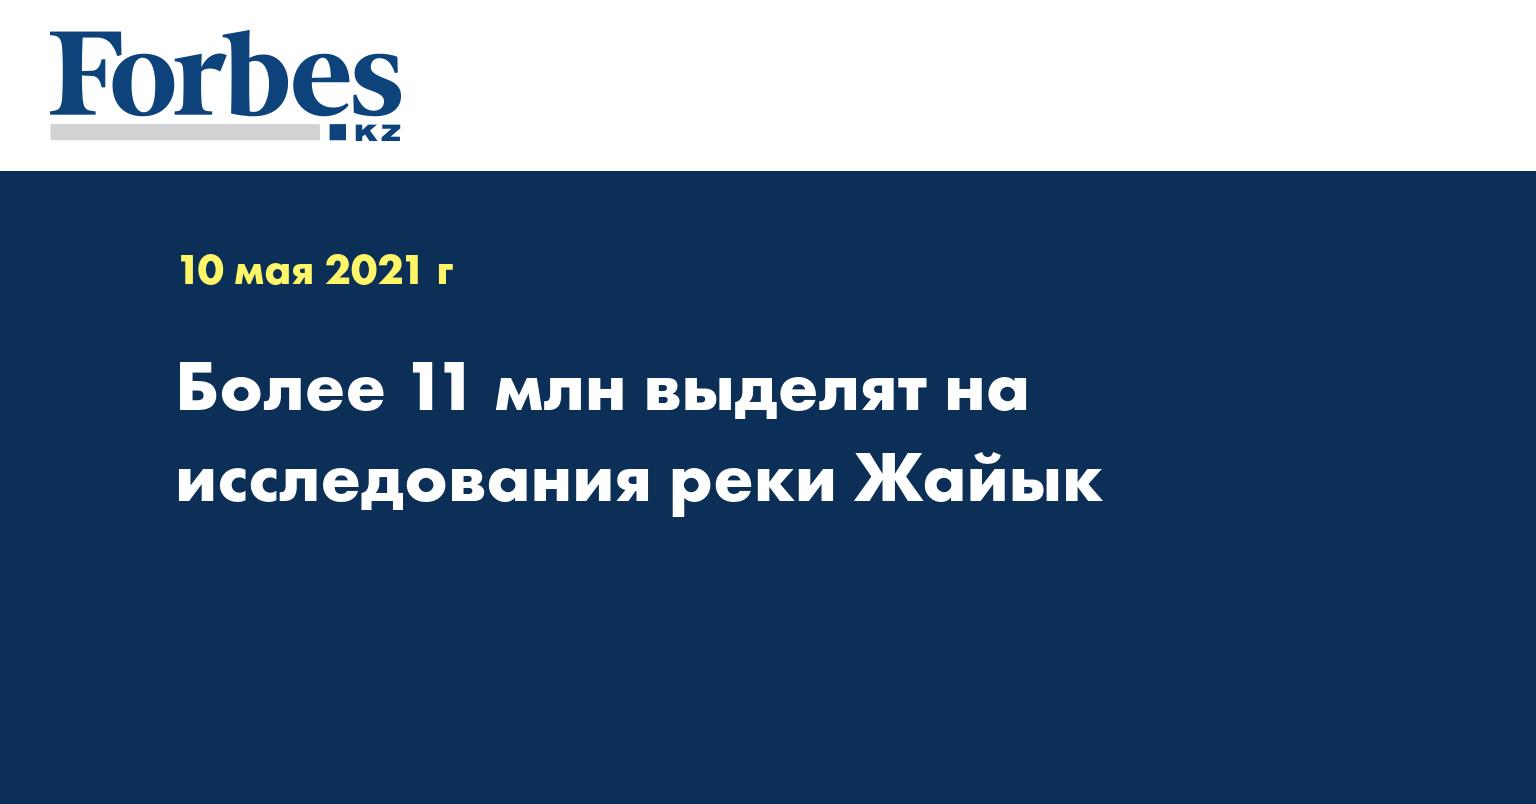 Более 11 млн выделят на исследования реки Жайык